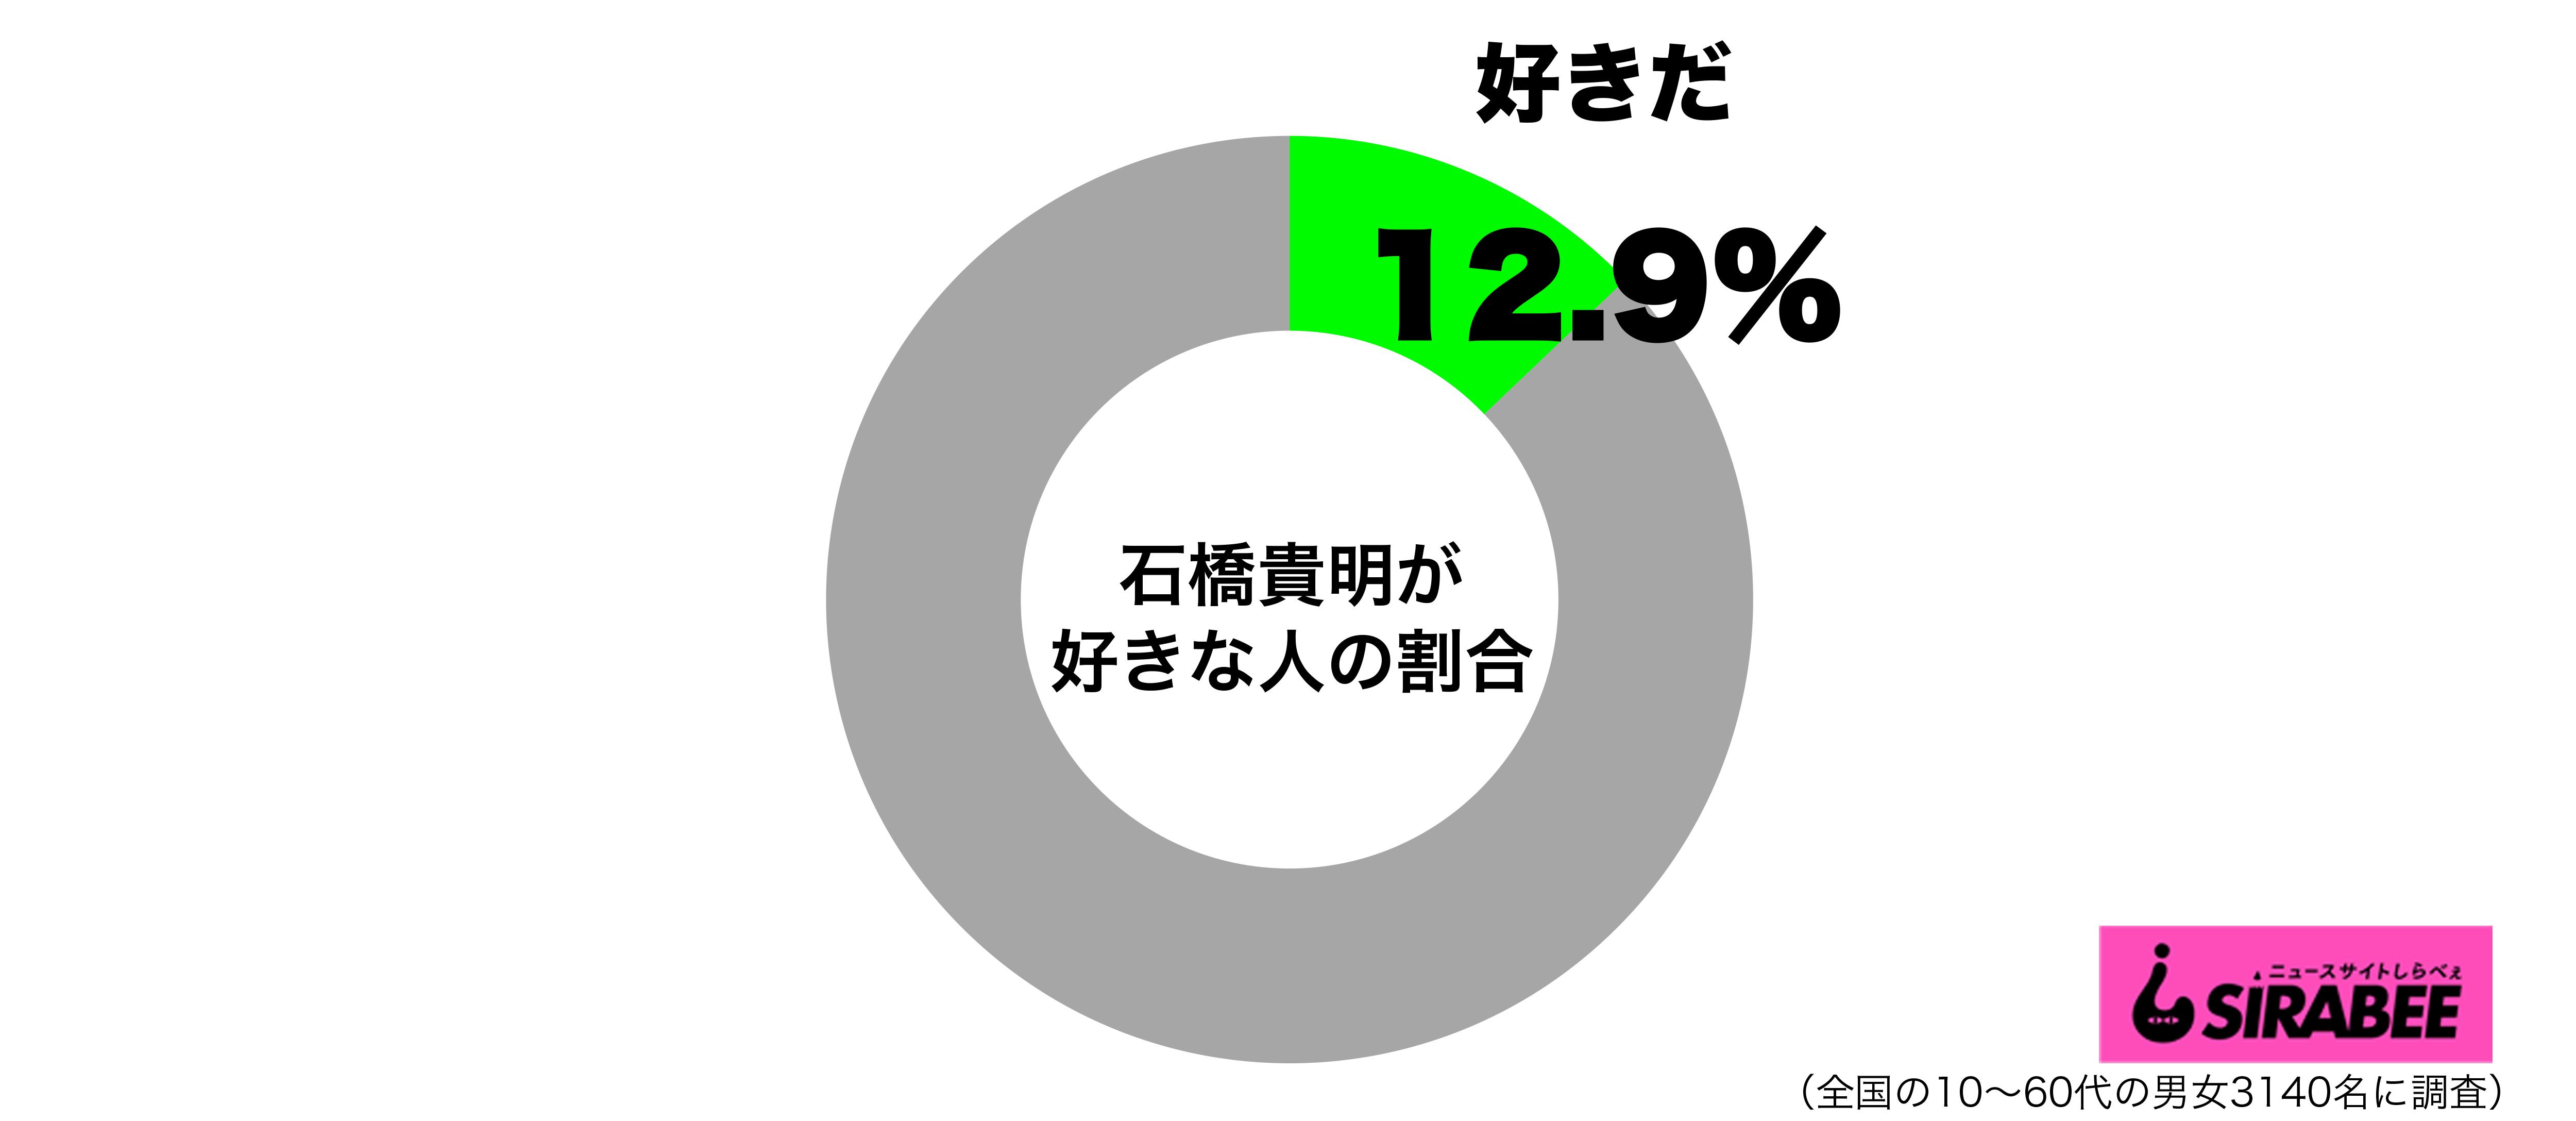 石橋貴明が好きグラフ